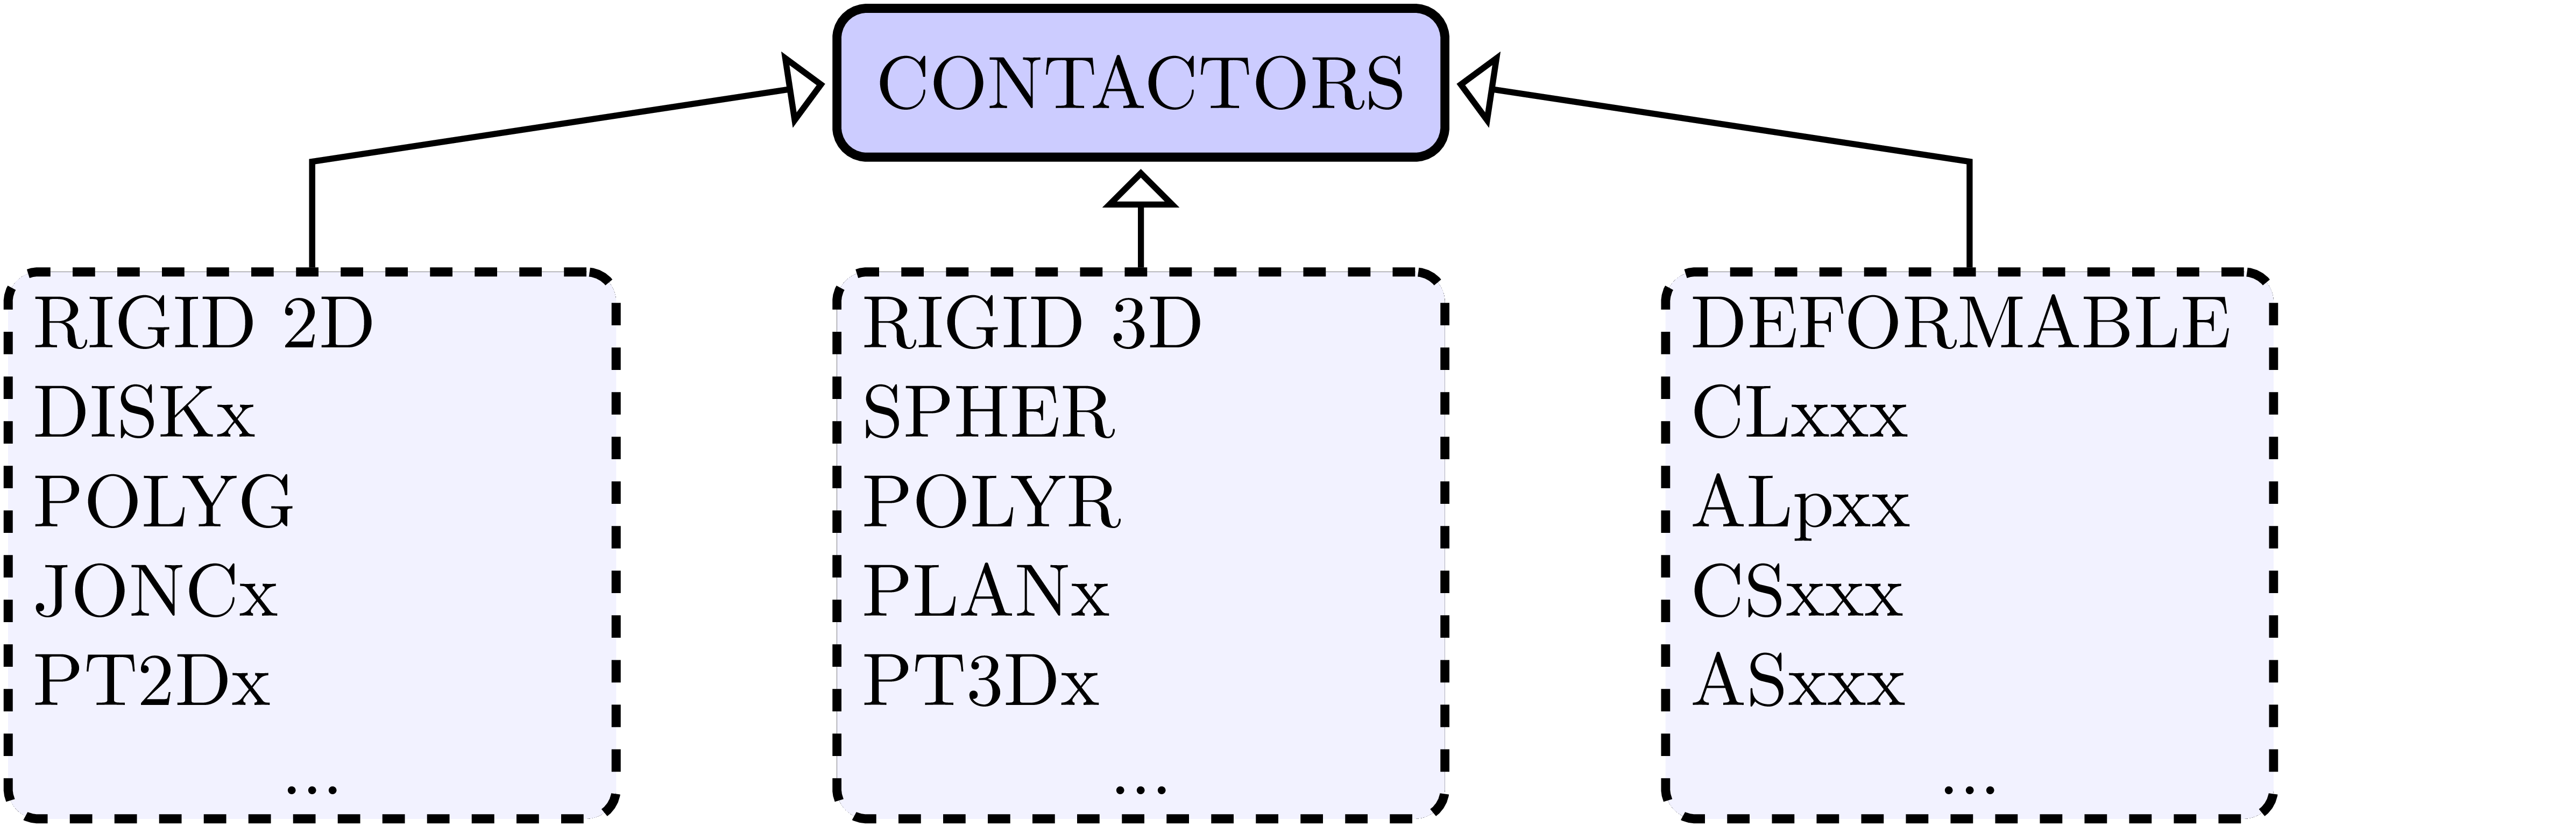 docs/dev/_images/contactors.png